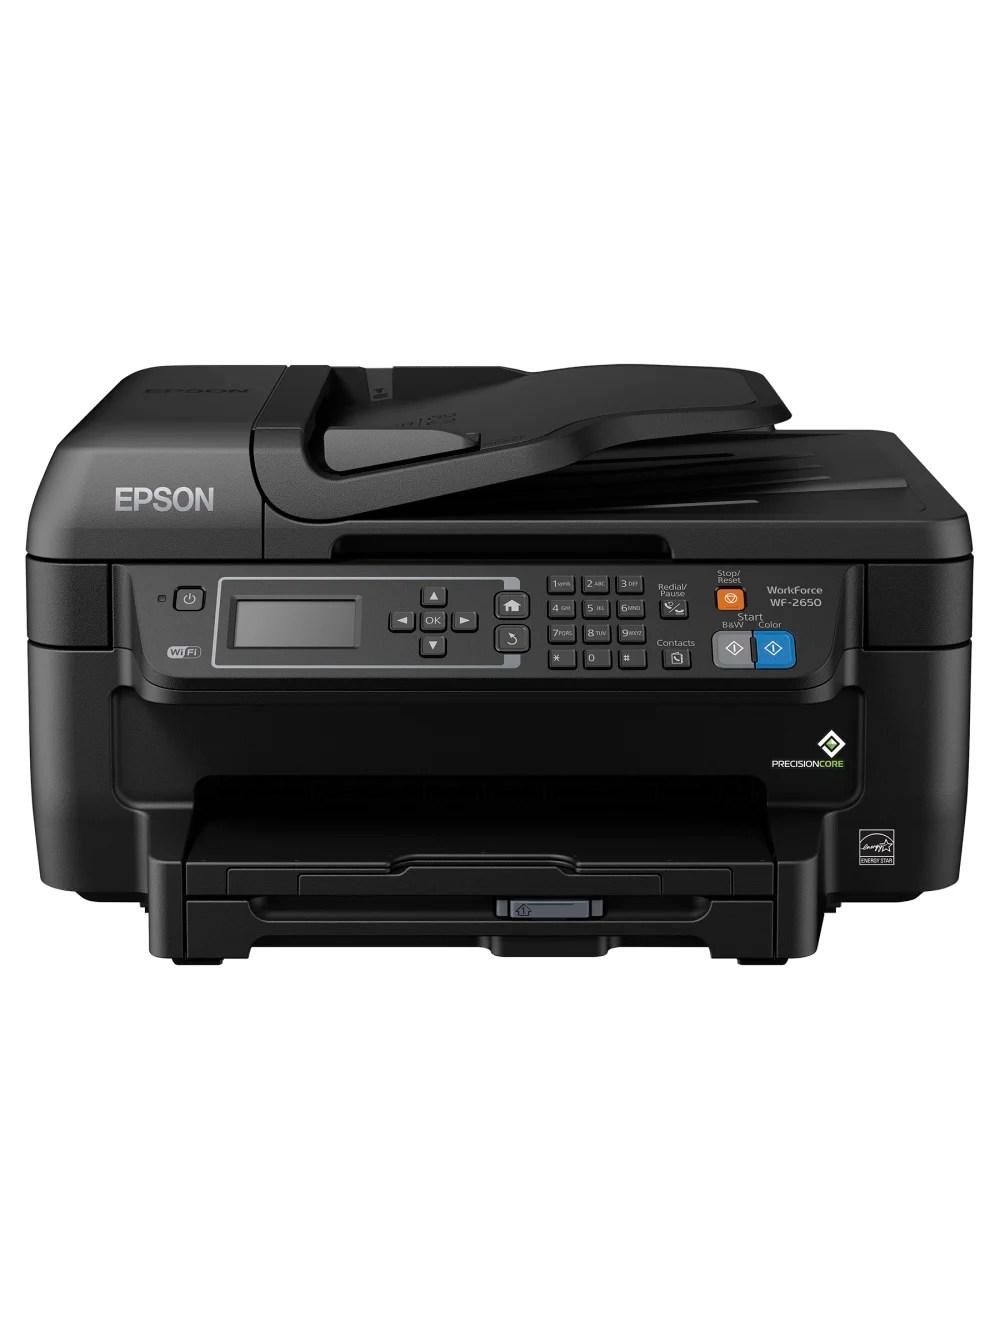 Epson Workforce Wf-2650 Treiber Download : epson, workforce, wf-2650, treiber, download, Office, Depot